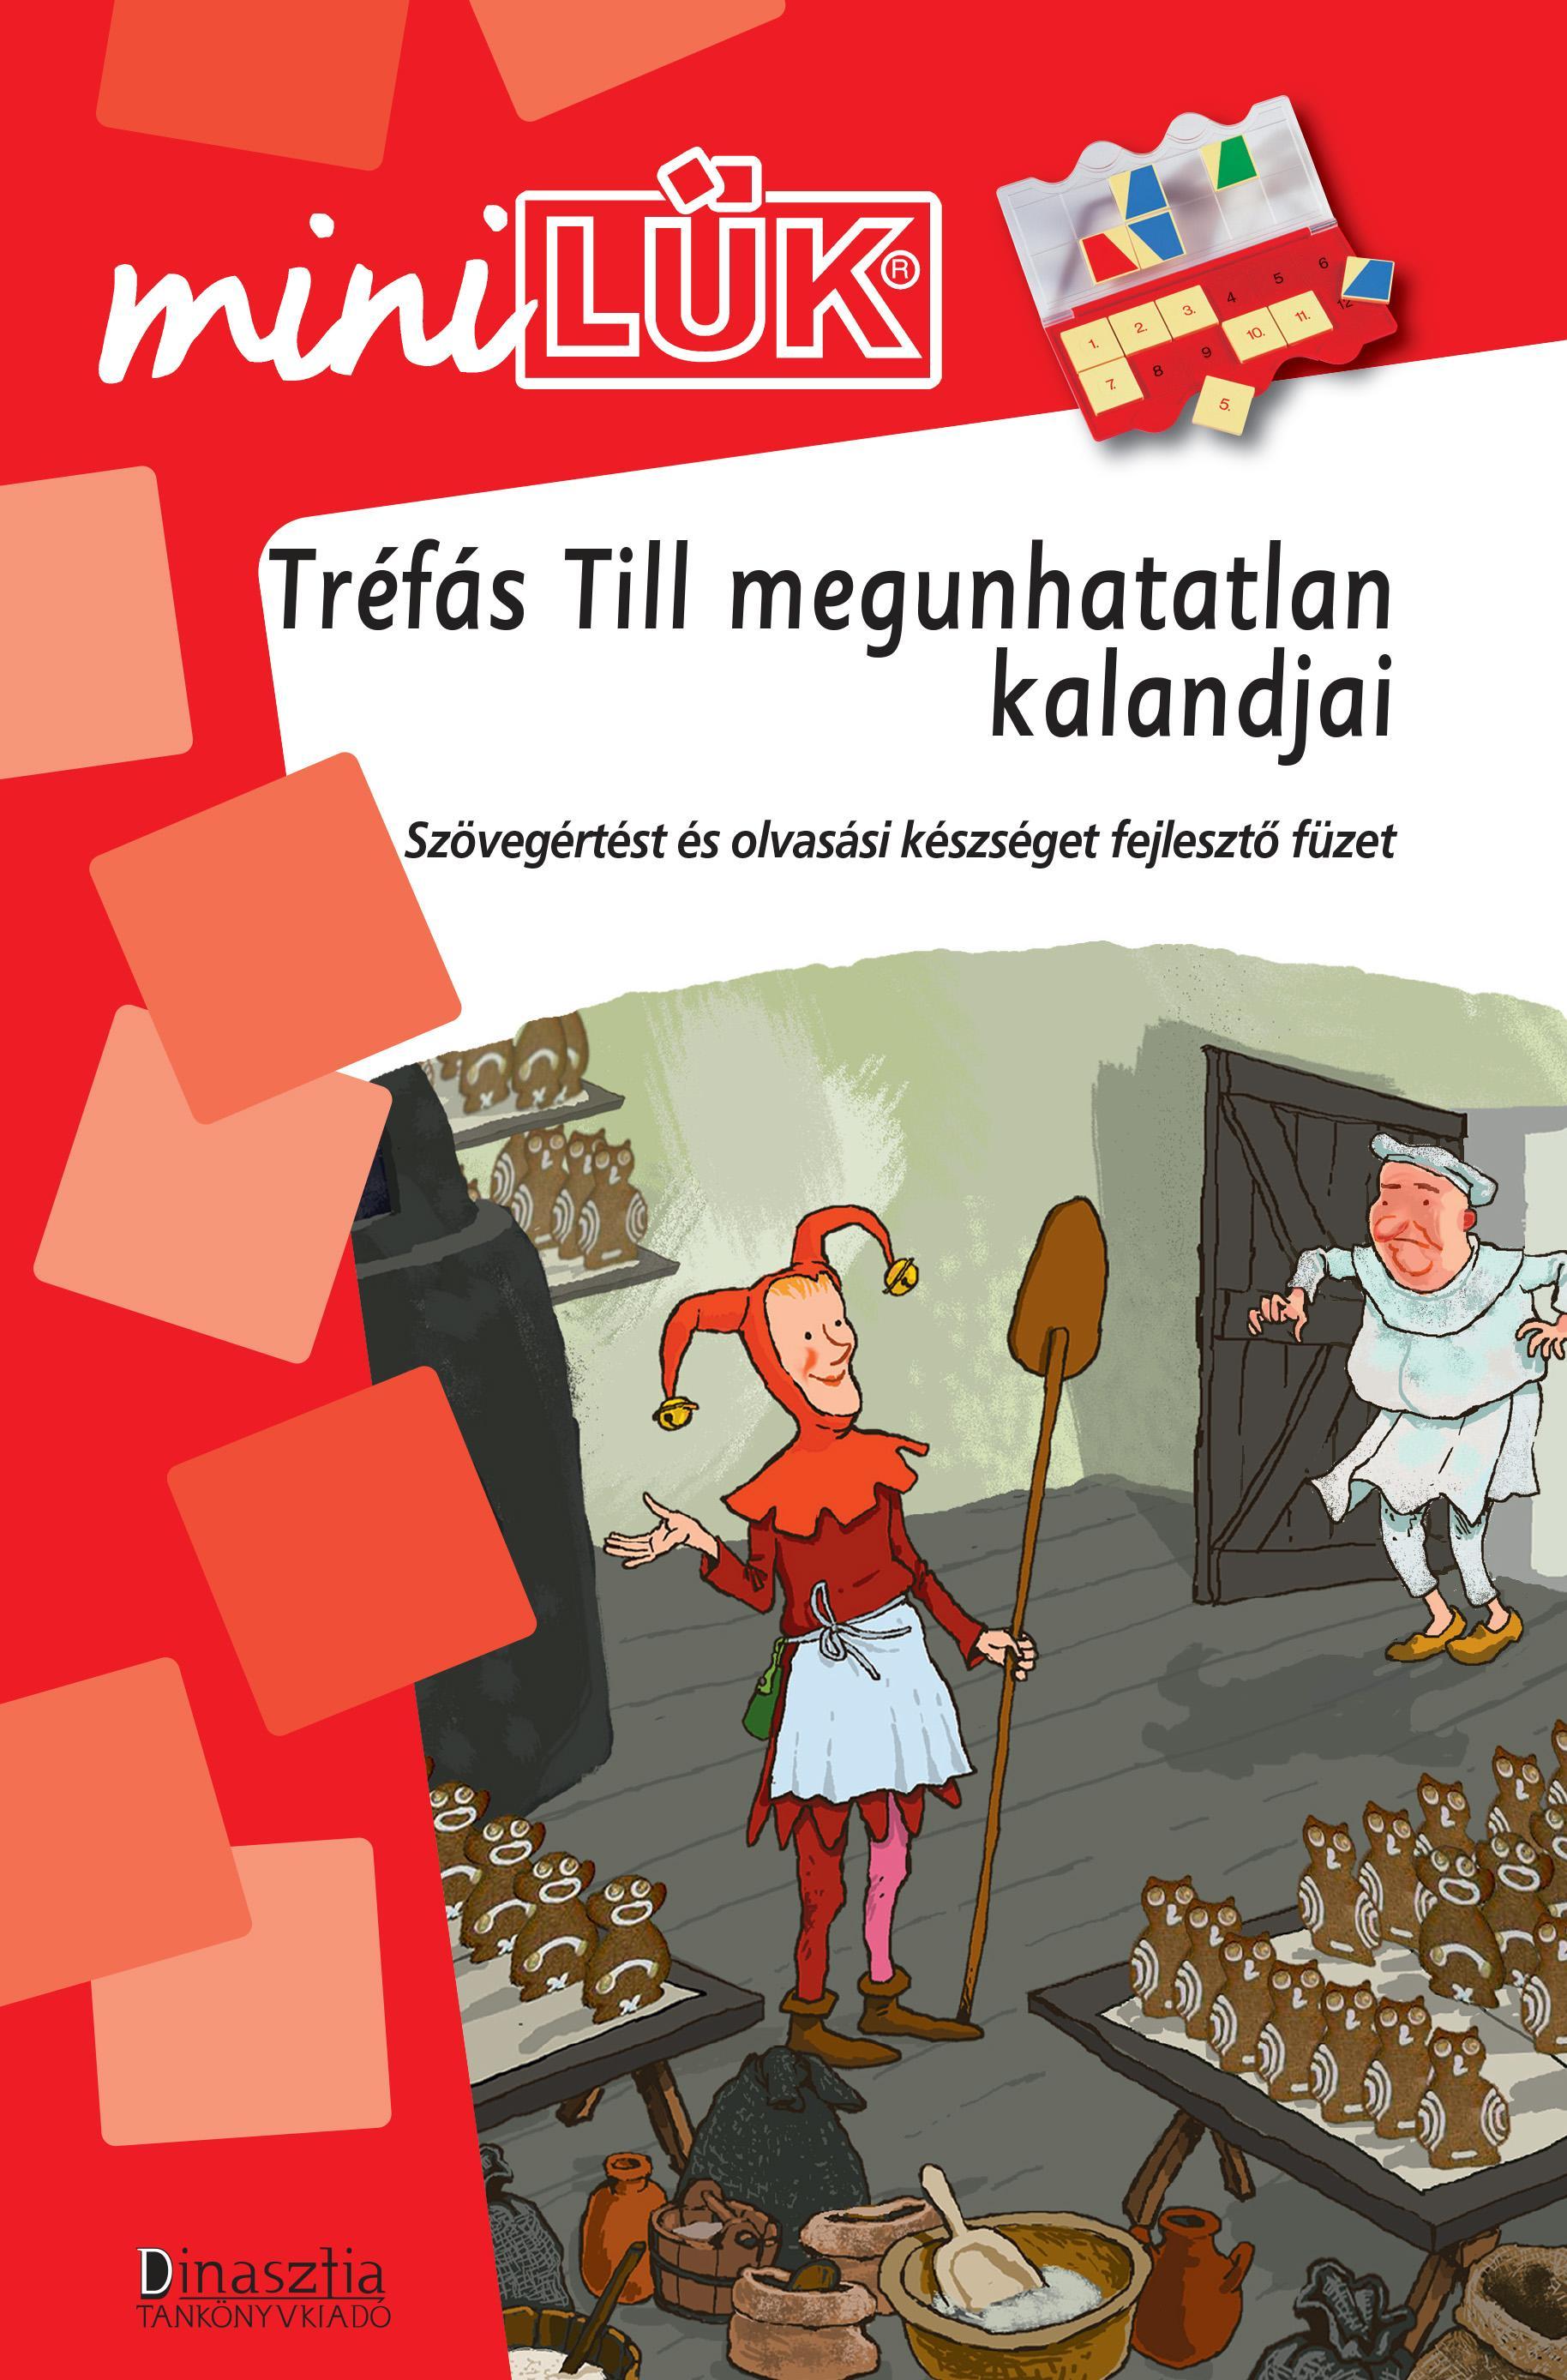 TRÉFÁS TILL MEGUNHATATLAN KALANDJAI